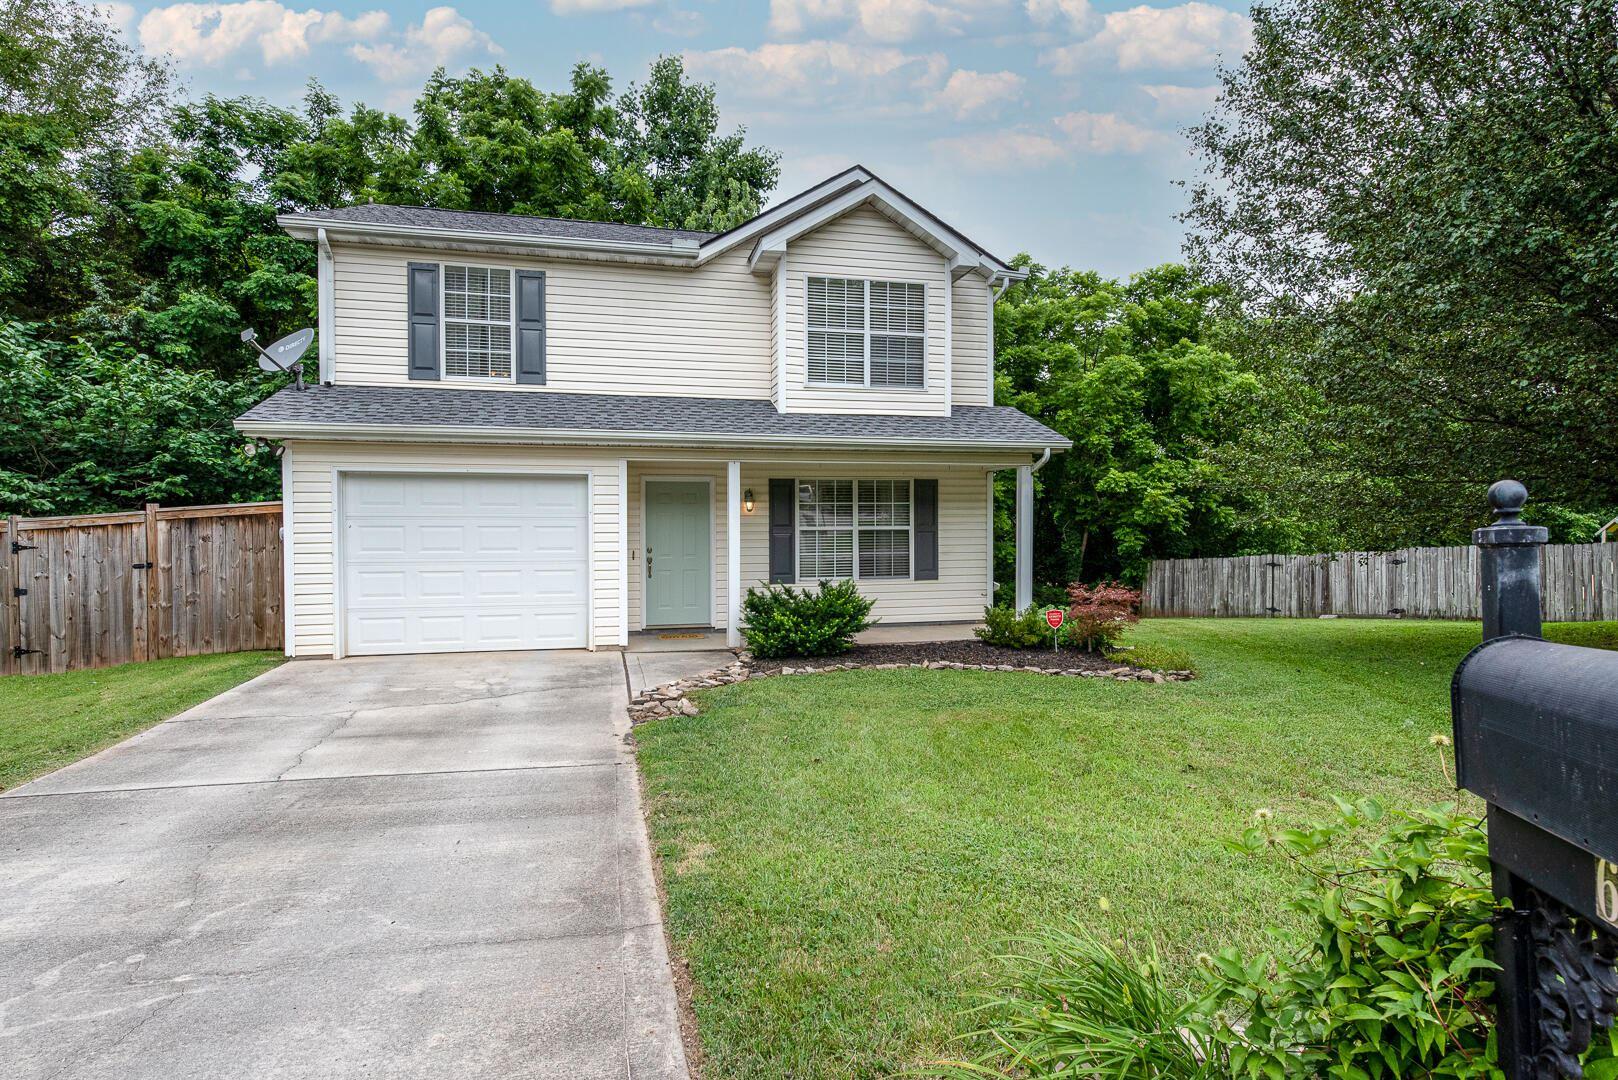 Photo of 649 Cornerbrook Lane, Knoxville, TN 37918 (MLS # 1167651)